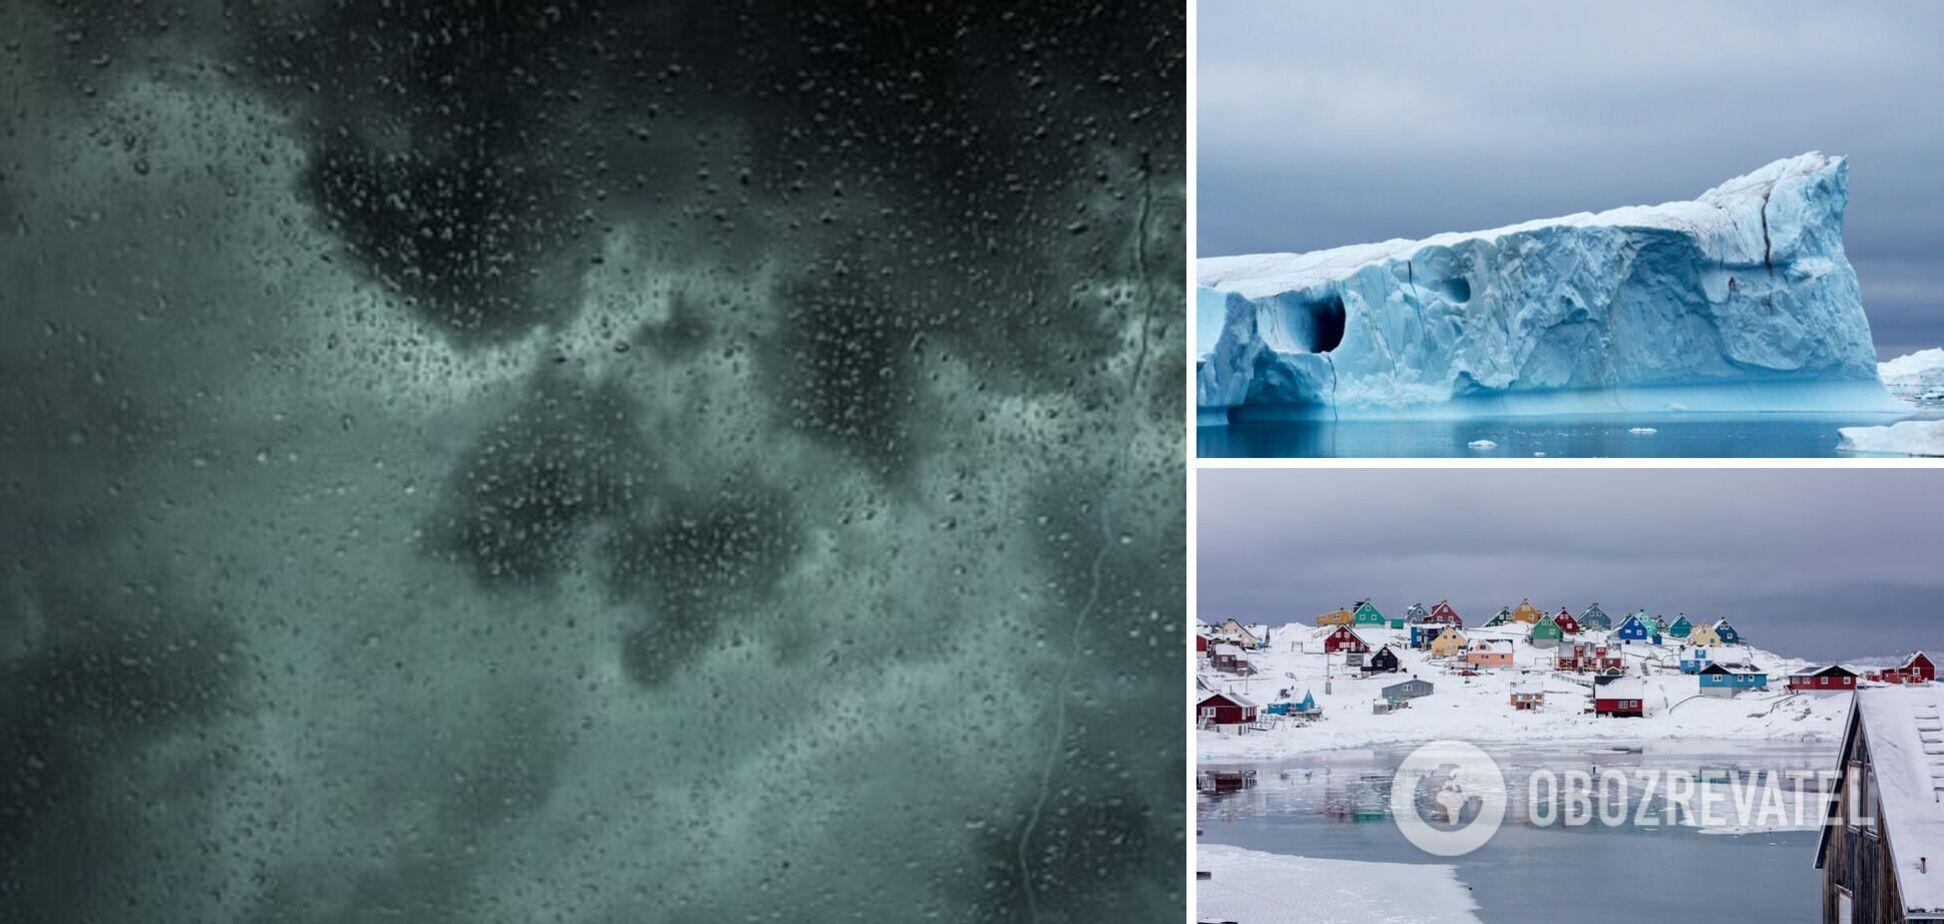 Вчені розповіли про аномальний дощ у Гренландії і заявили про критичні зміни клімату